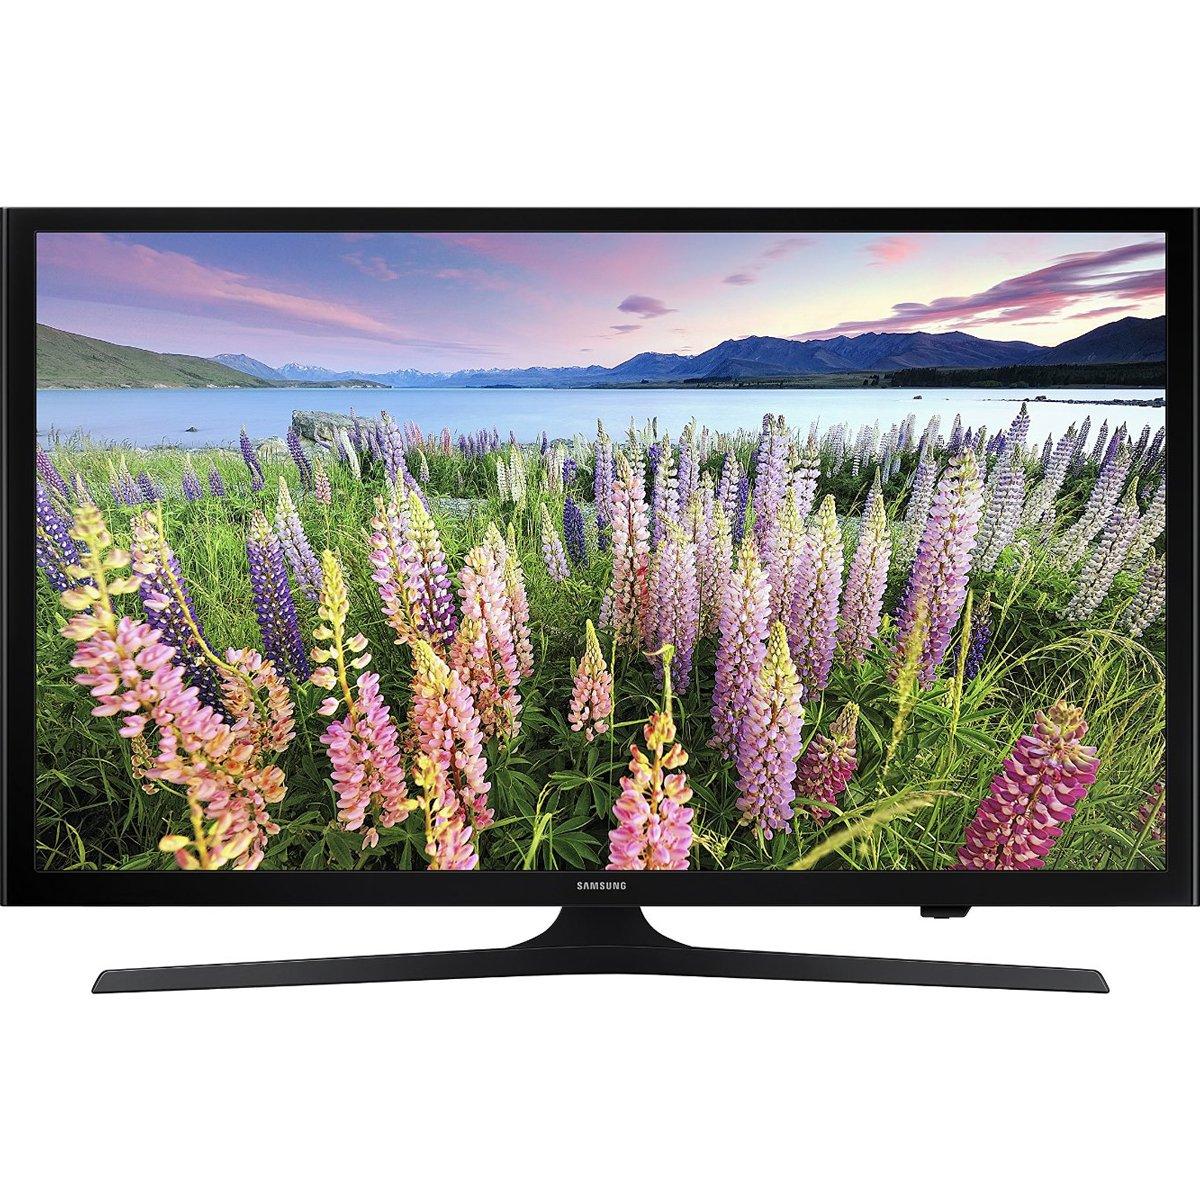 Samsung un50j5000 - Televisor LED Full HD 1080p Soporte de & Tilt ...